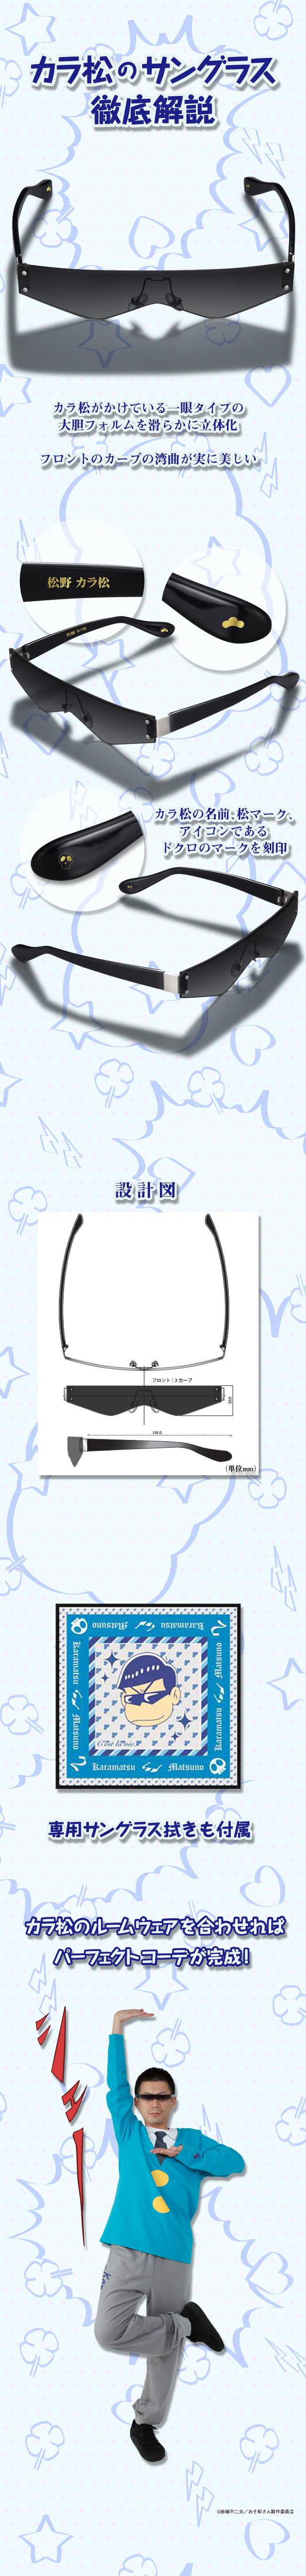 カラ松 カラ松ガールズ おそ松さん グラサン サングラス 商品化に関連した画像-04